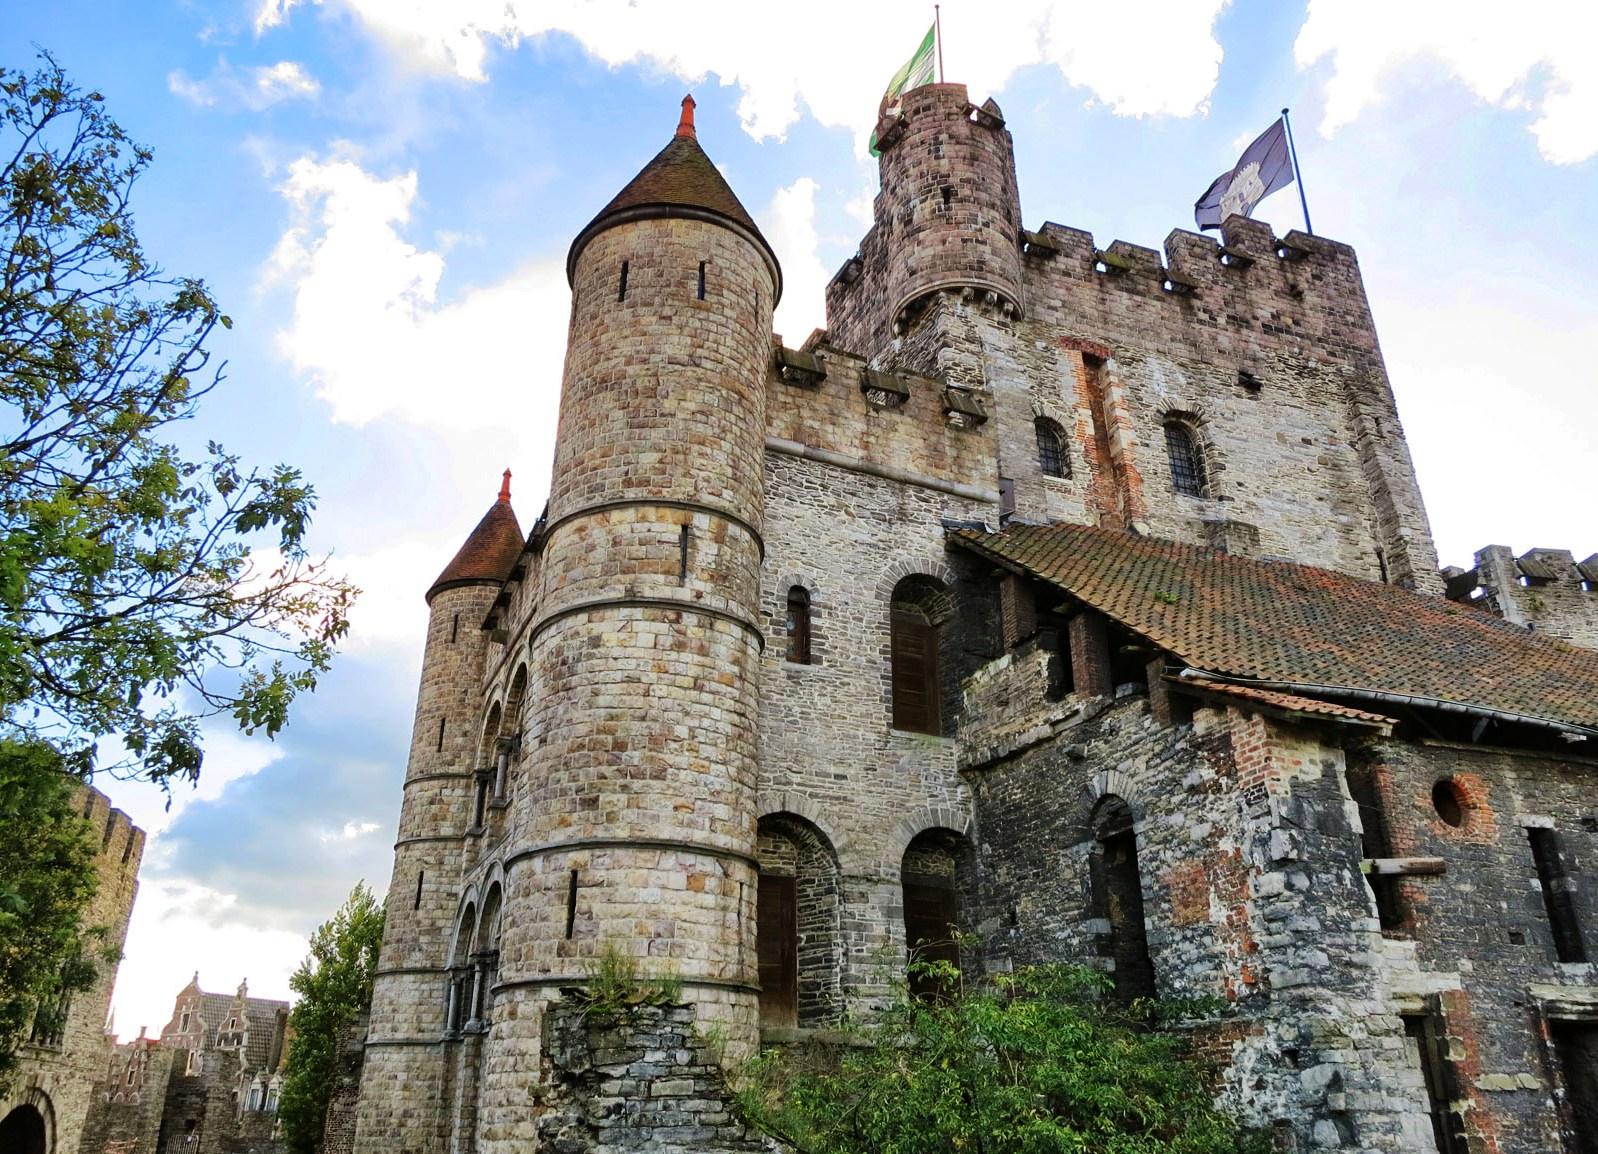 Замок с башнями картинки